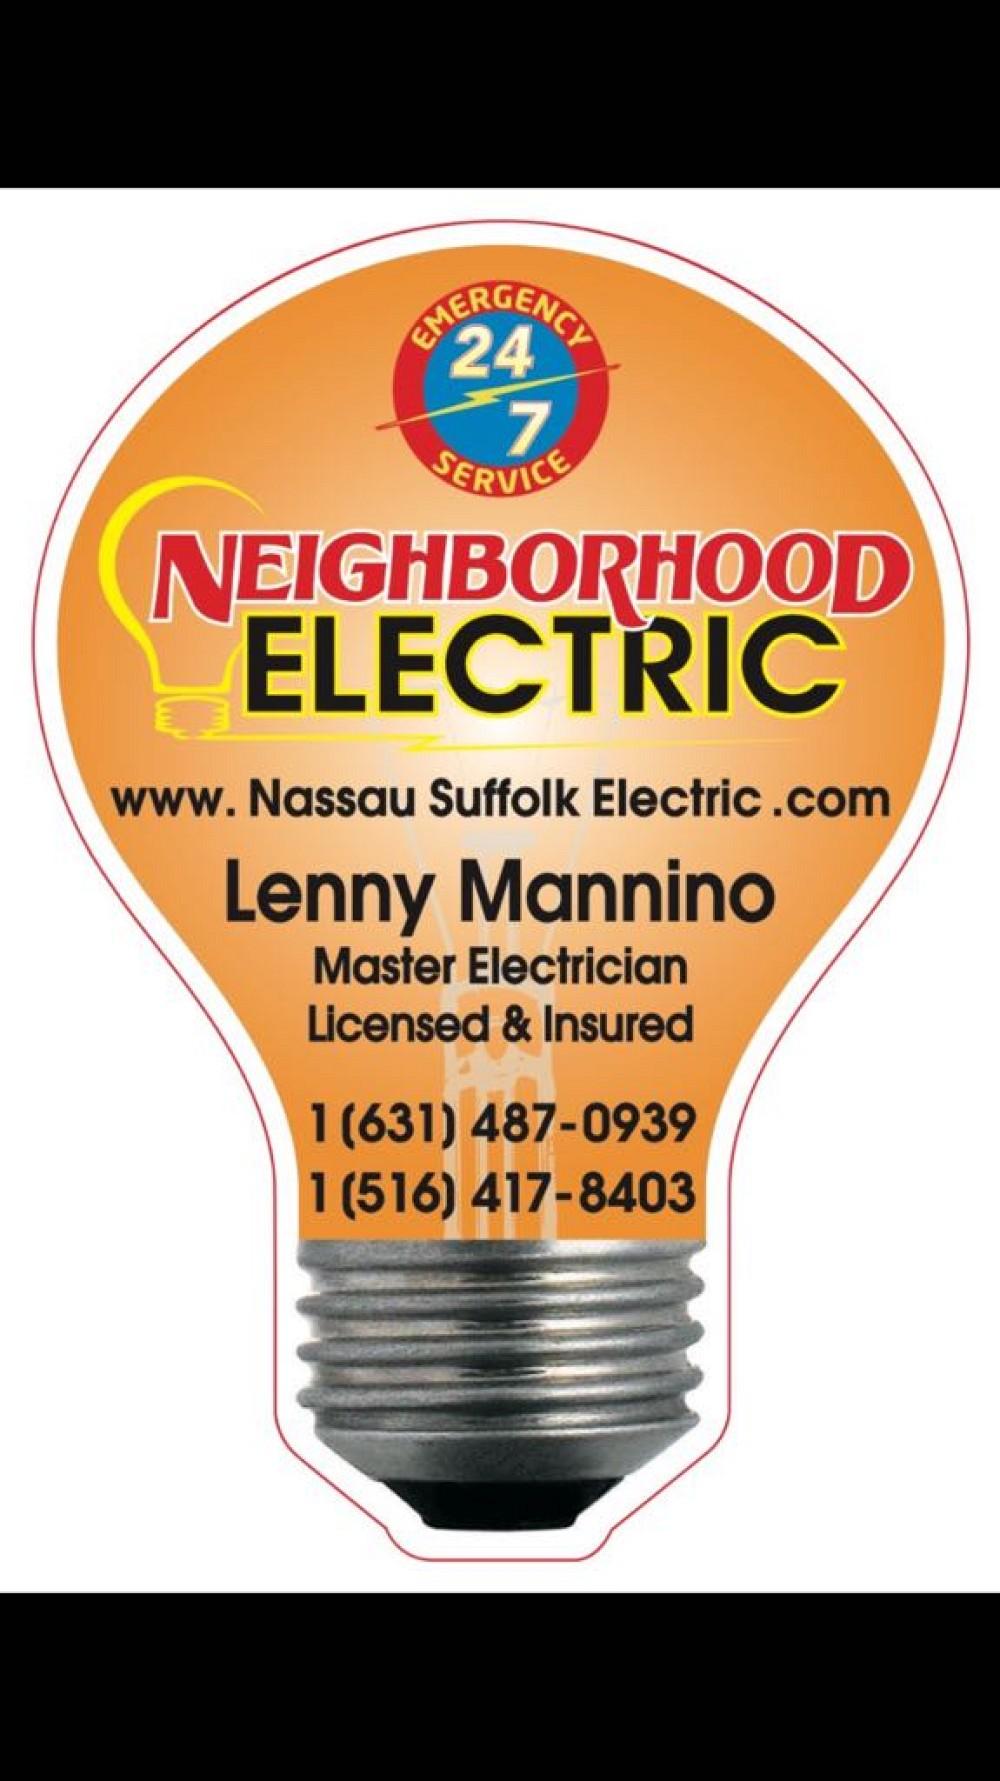 Neighborhood Electric Inc Networx